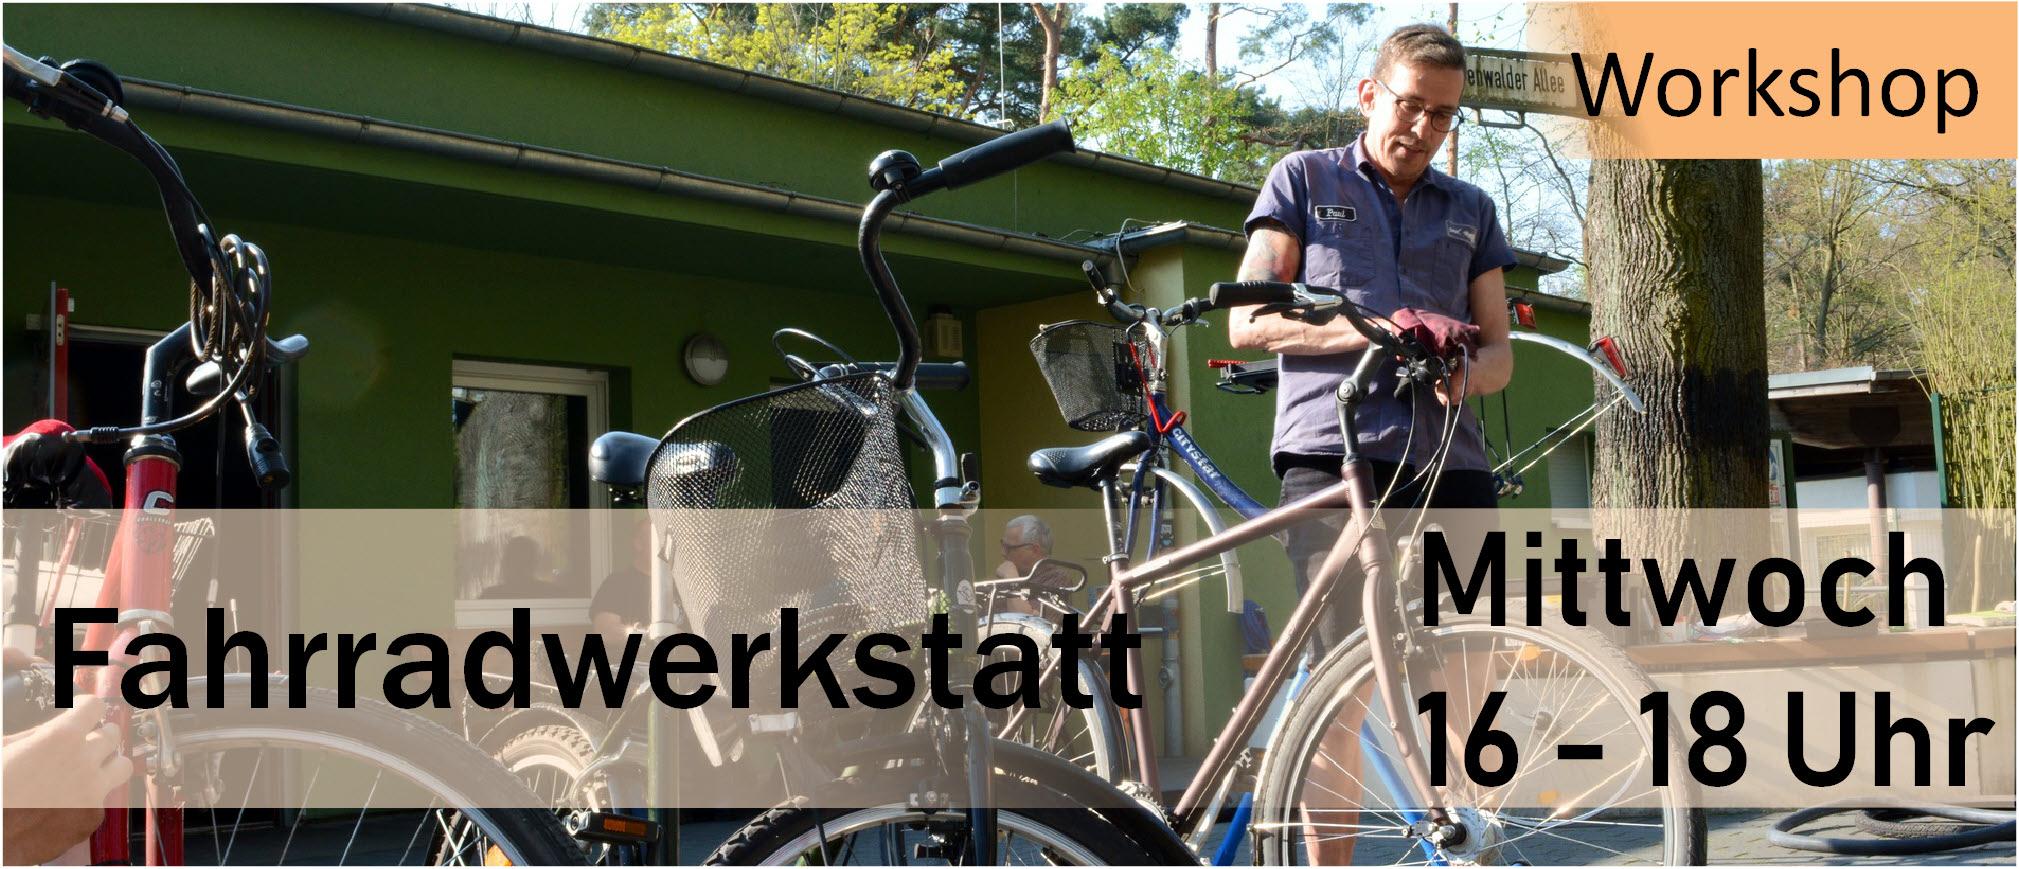 Parkclub Fahrradwerkstatt Öffnungszeiten